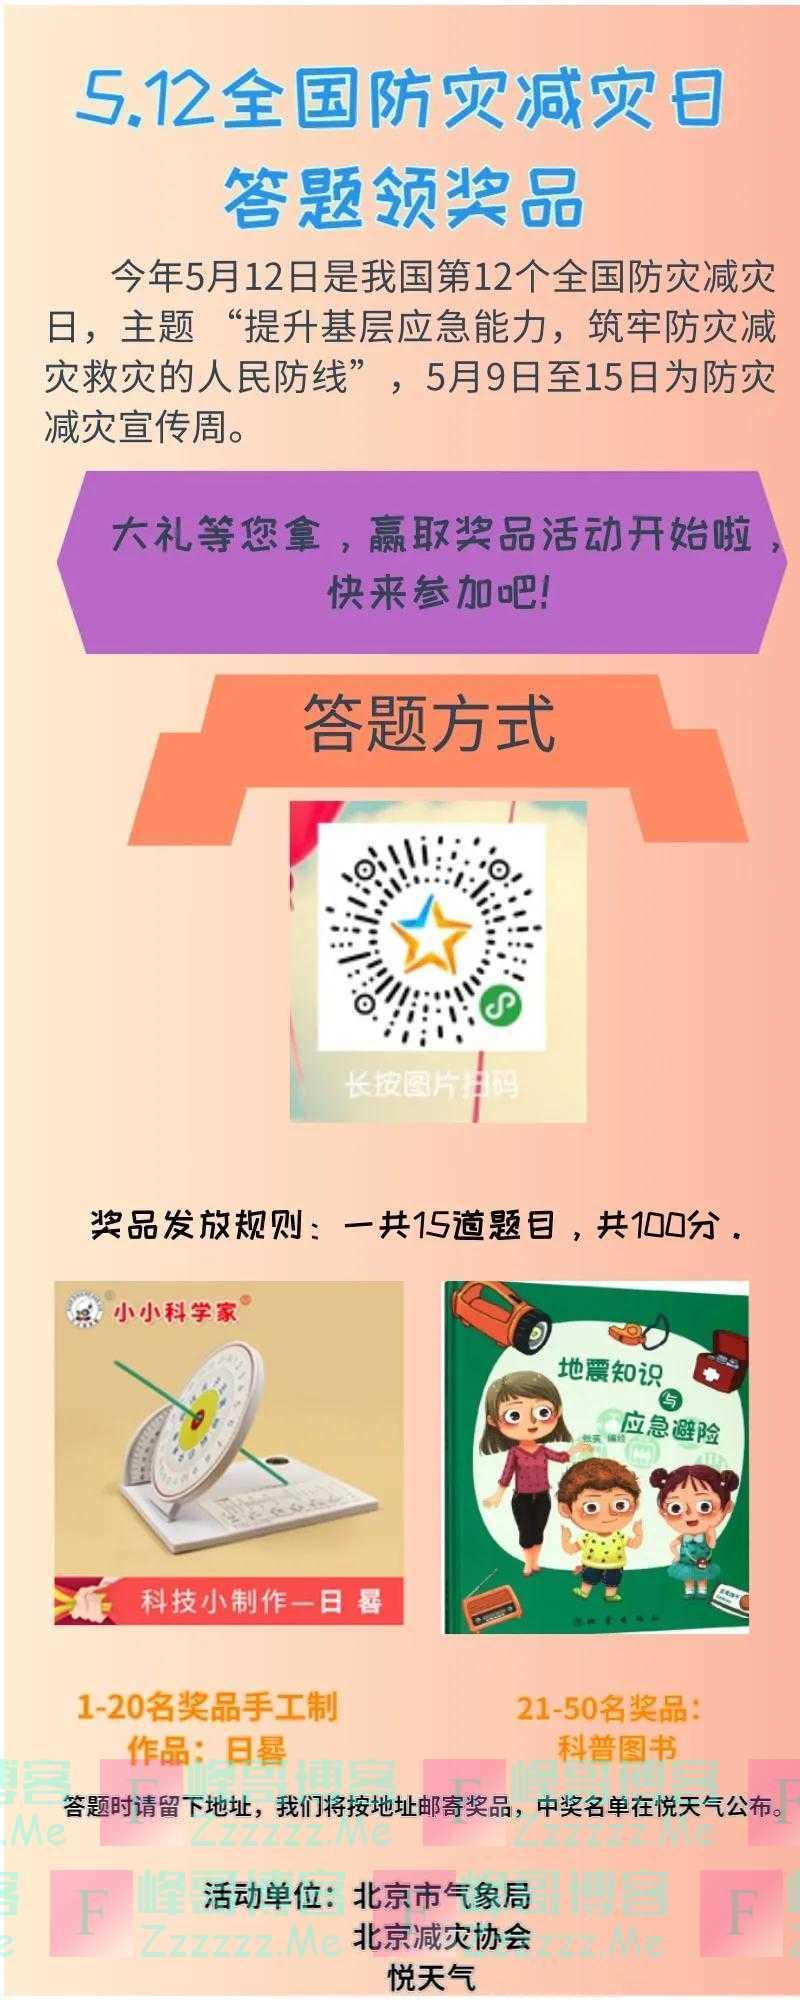 悦天气防灾减灾答题领奖品(截止5月15日)